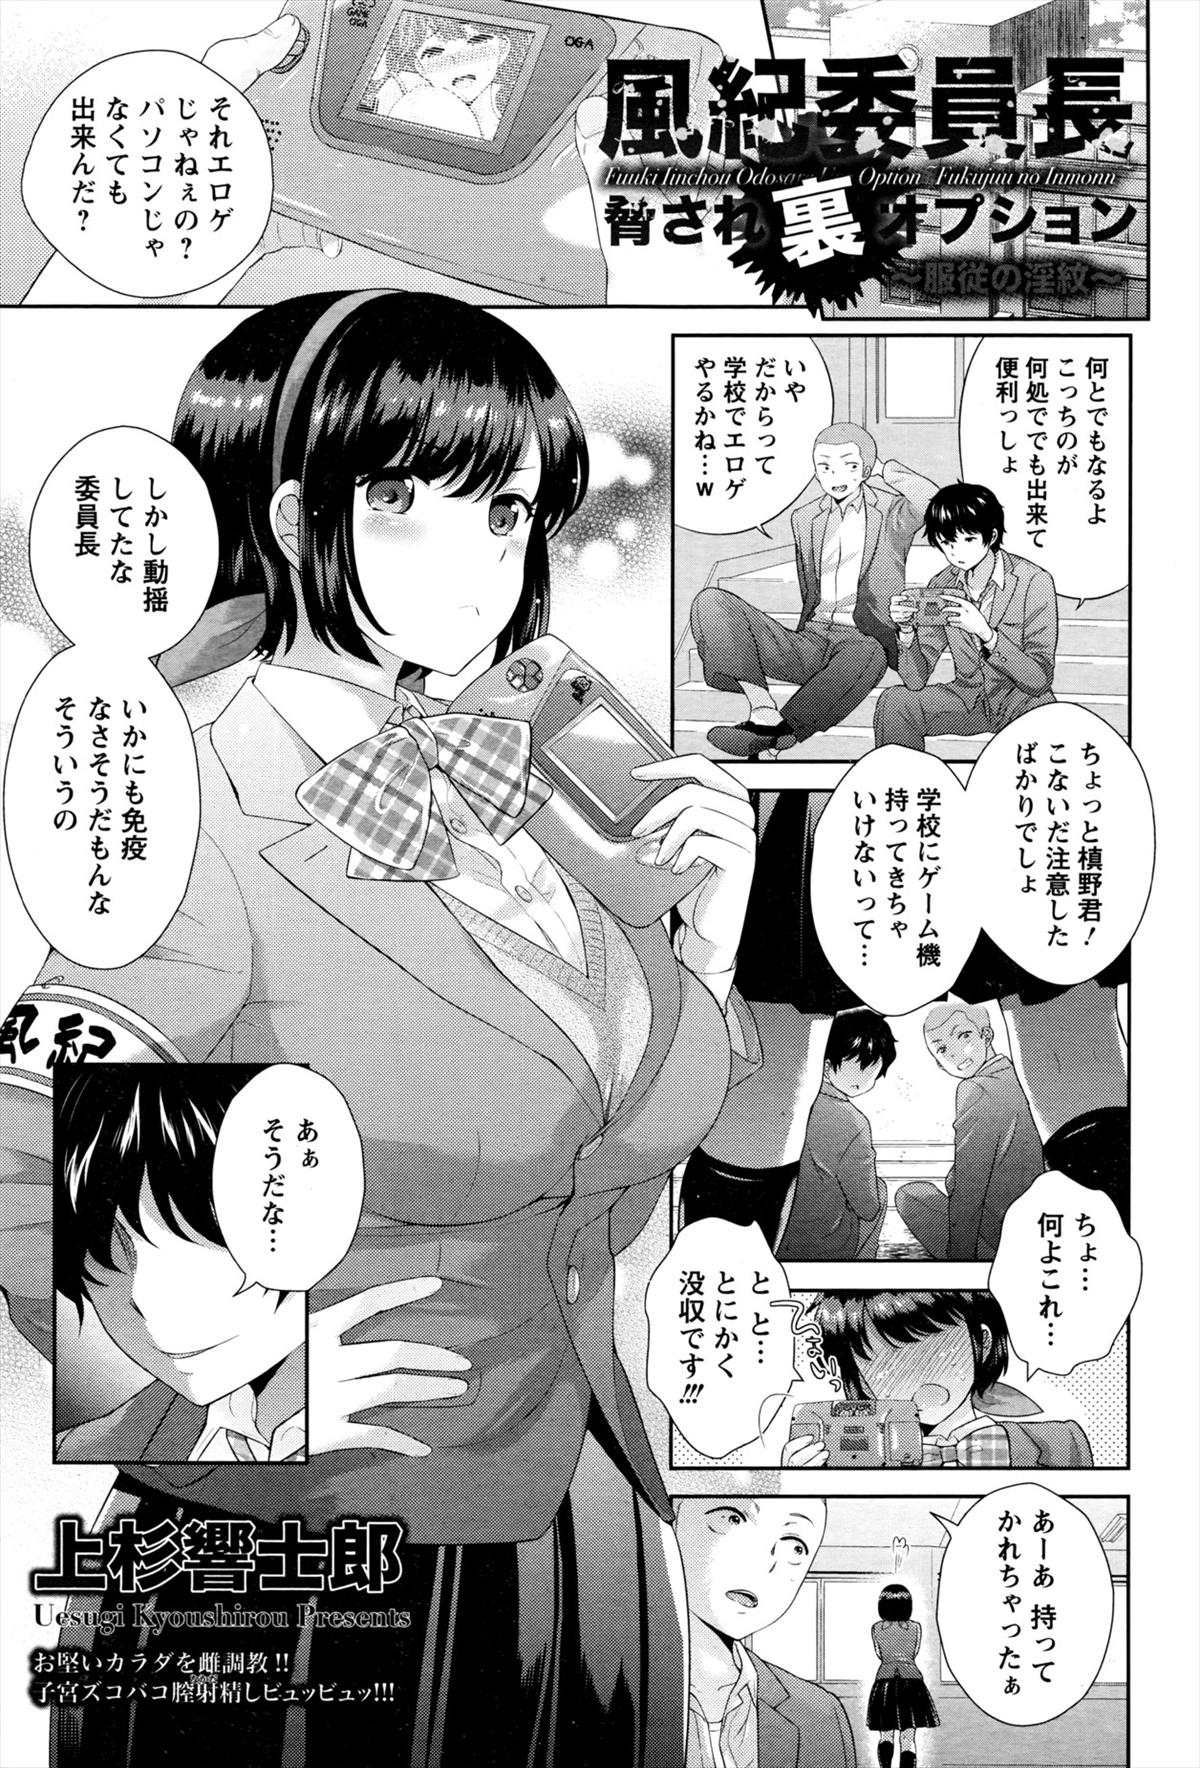 [上杉響士郎] 風紀委員長脅され裏オプション (1)